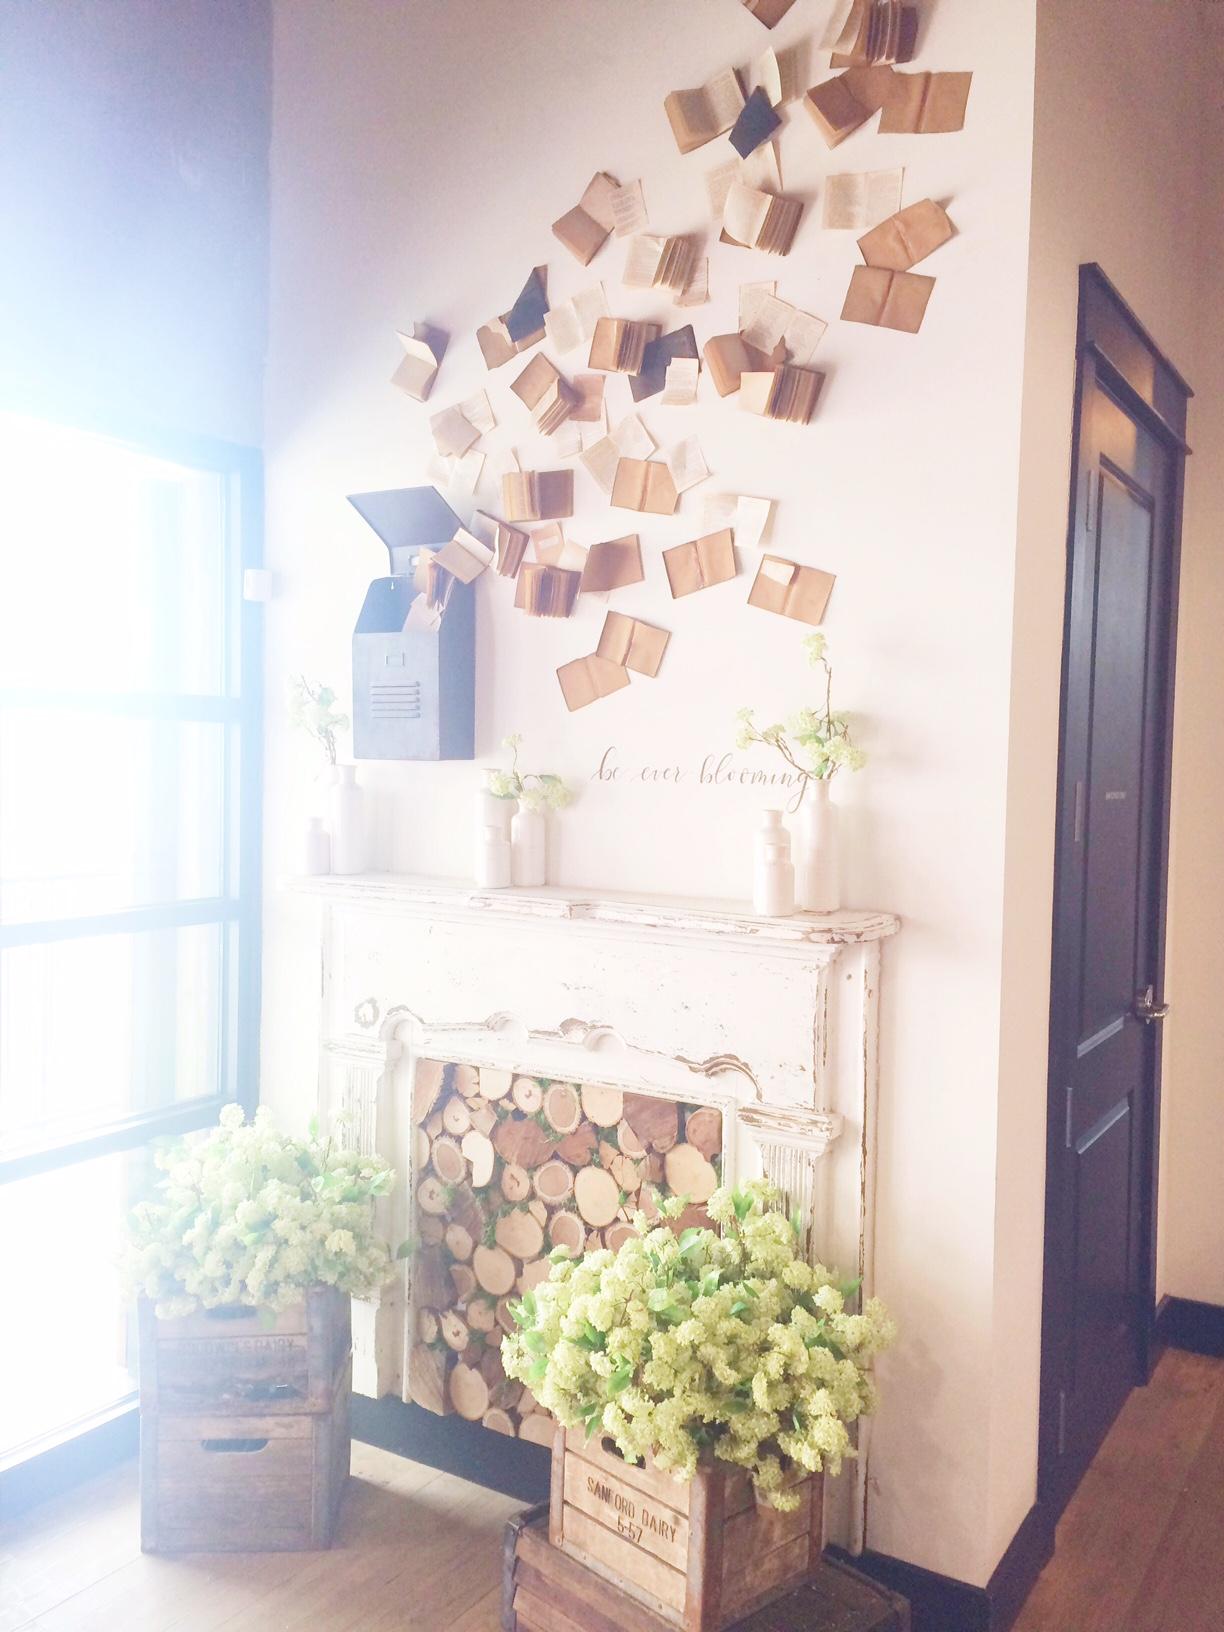 Magnolia Fireplace